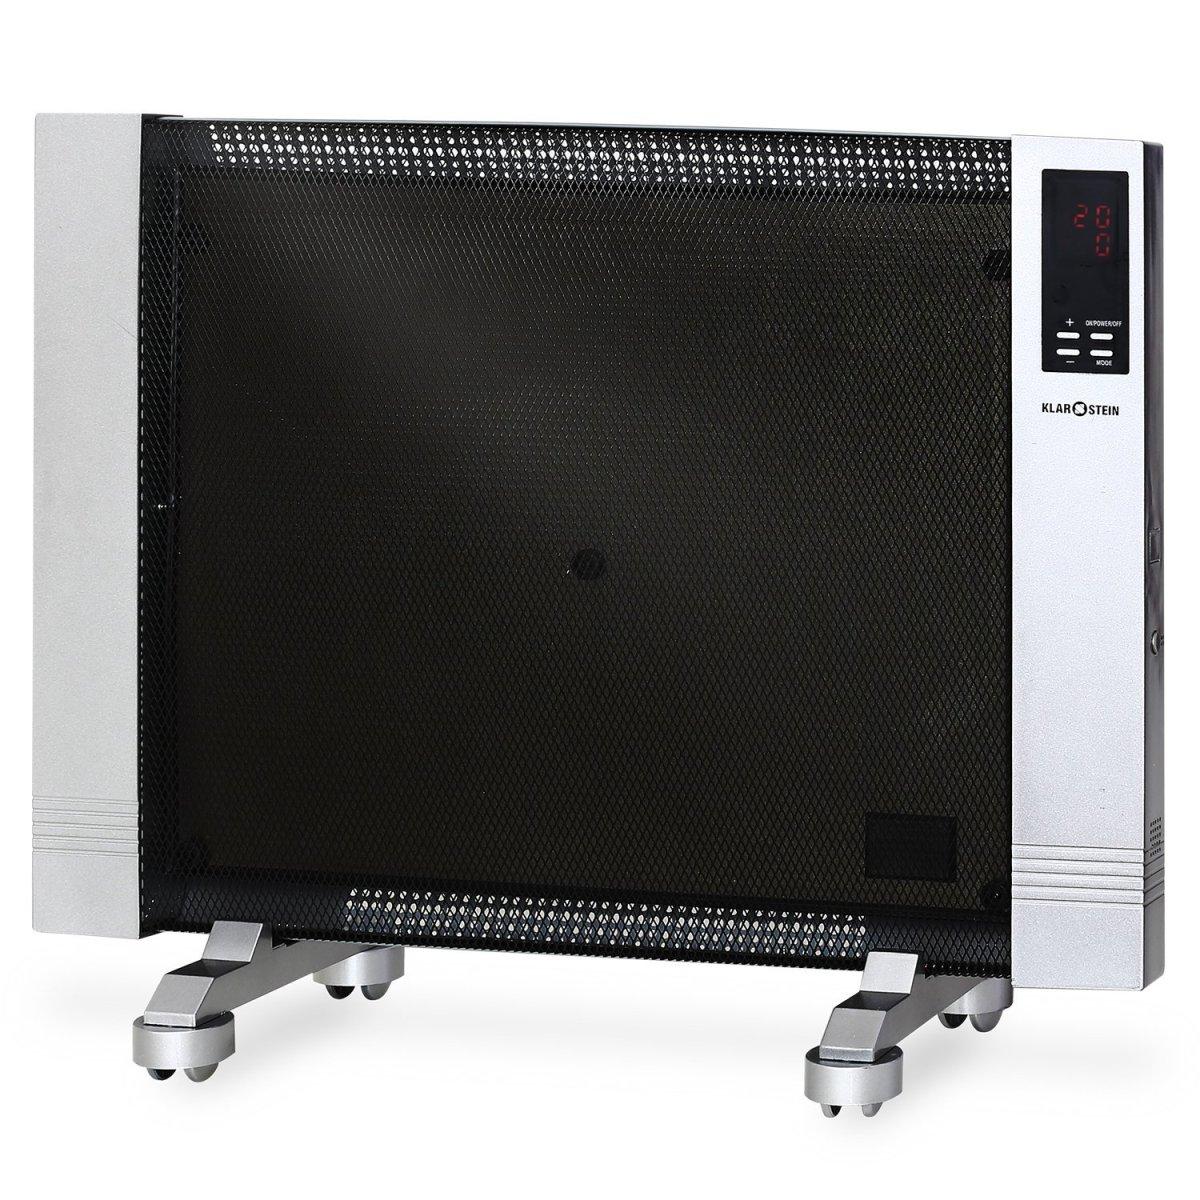 Klarstein Wärmewellen-Heizgerät 1500 Watt